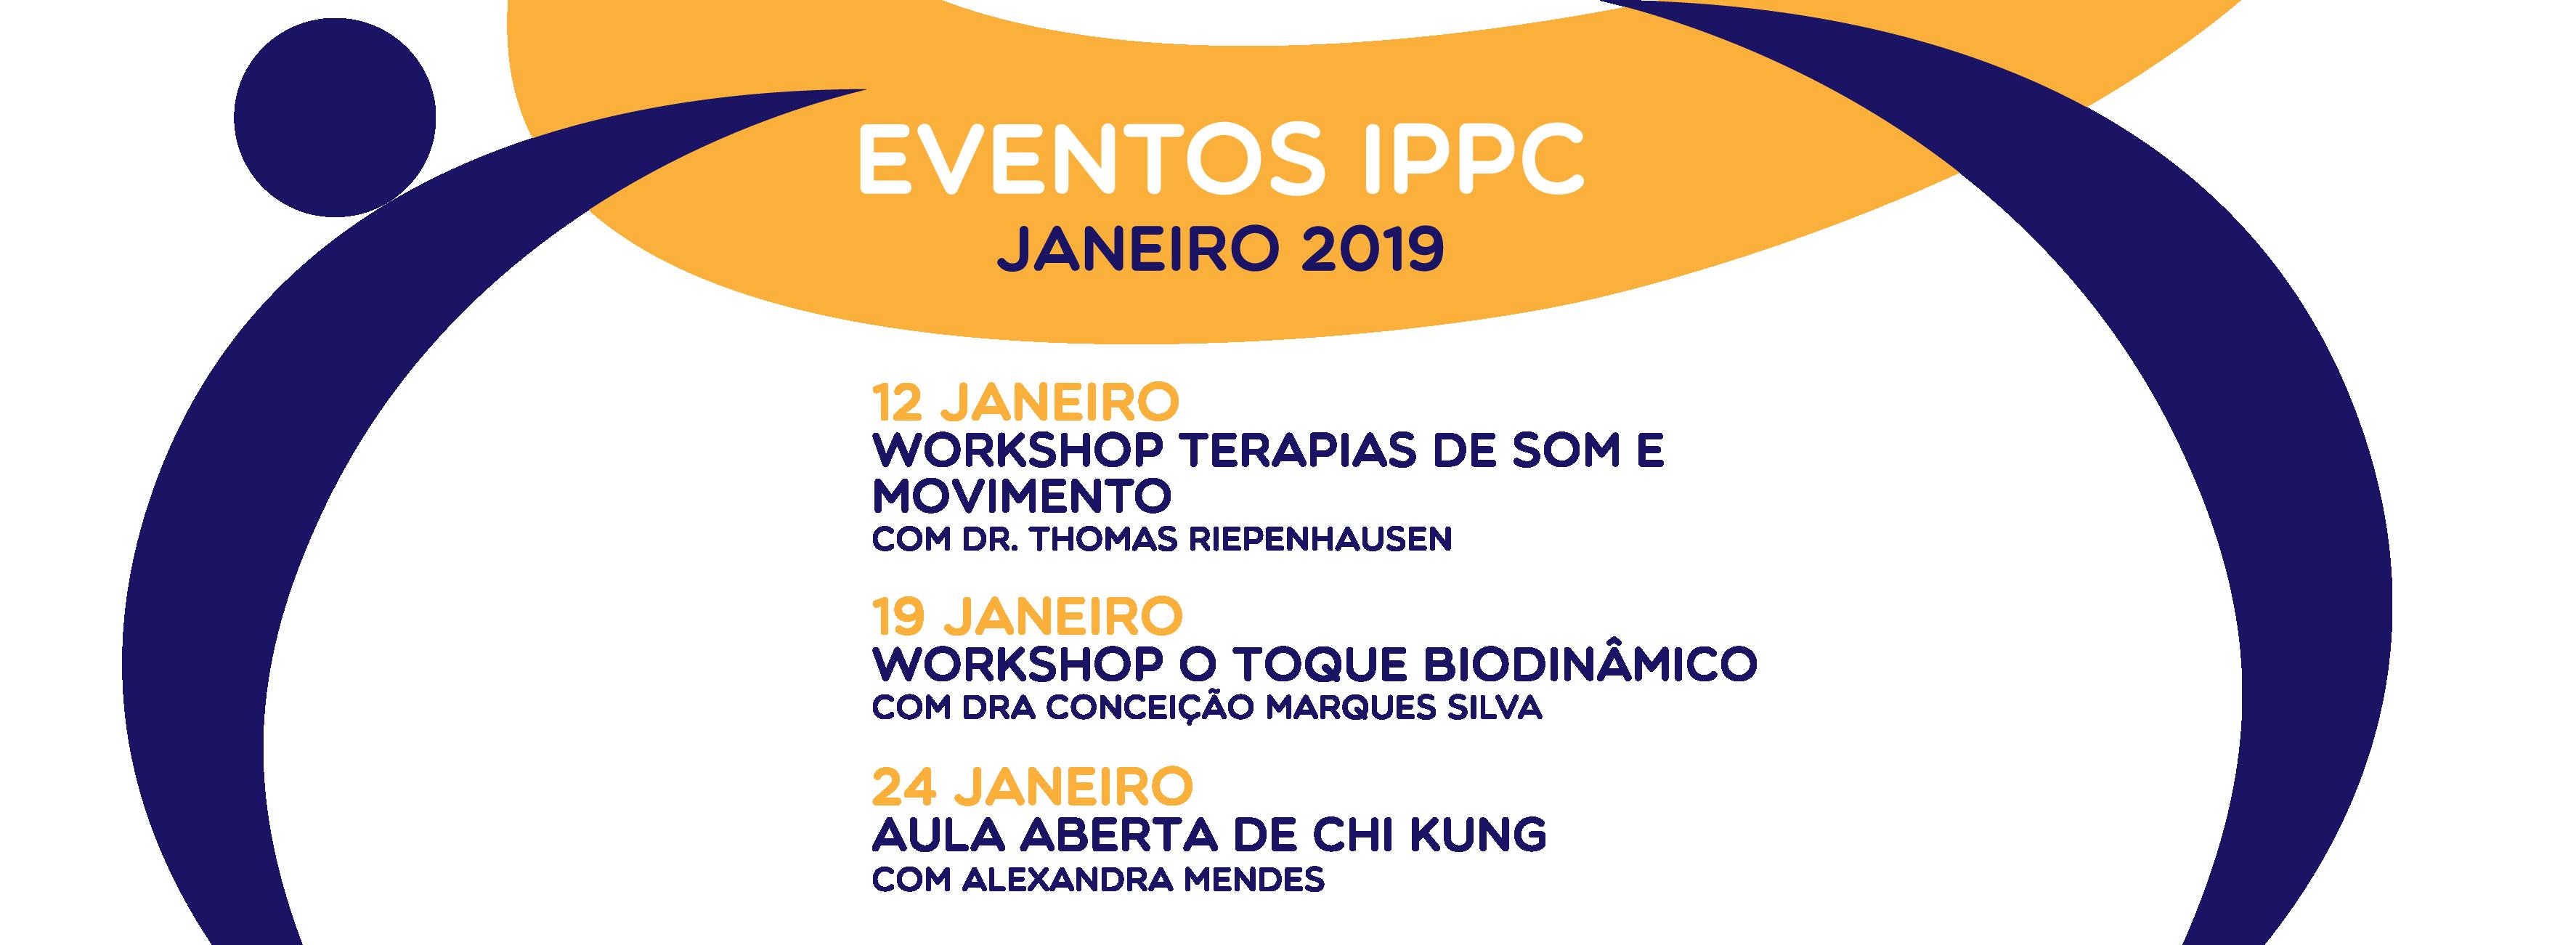 eventos IPPC janeiro 2019